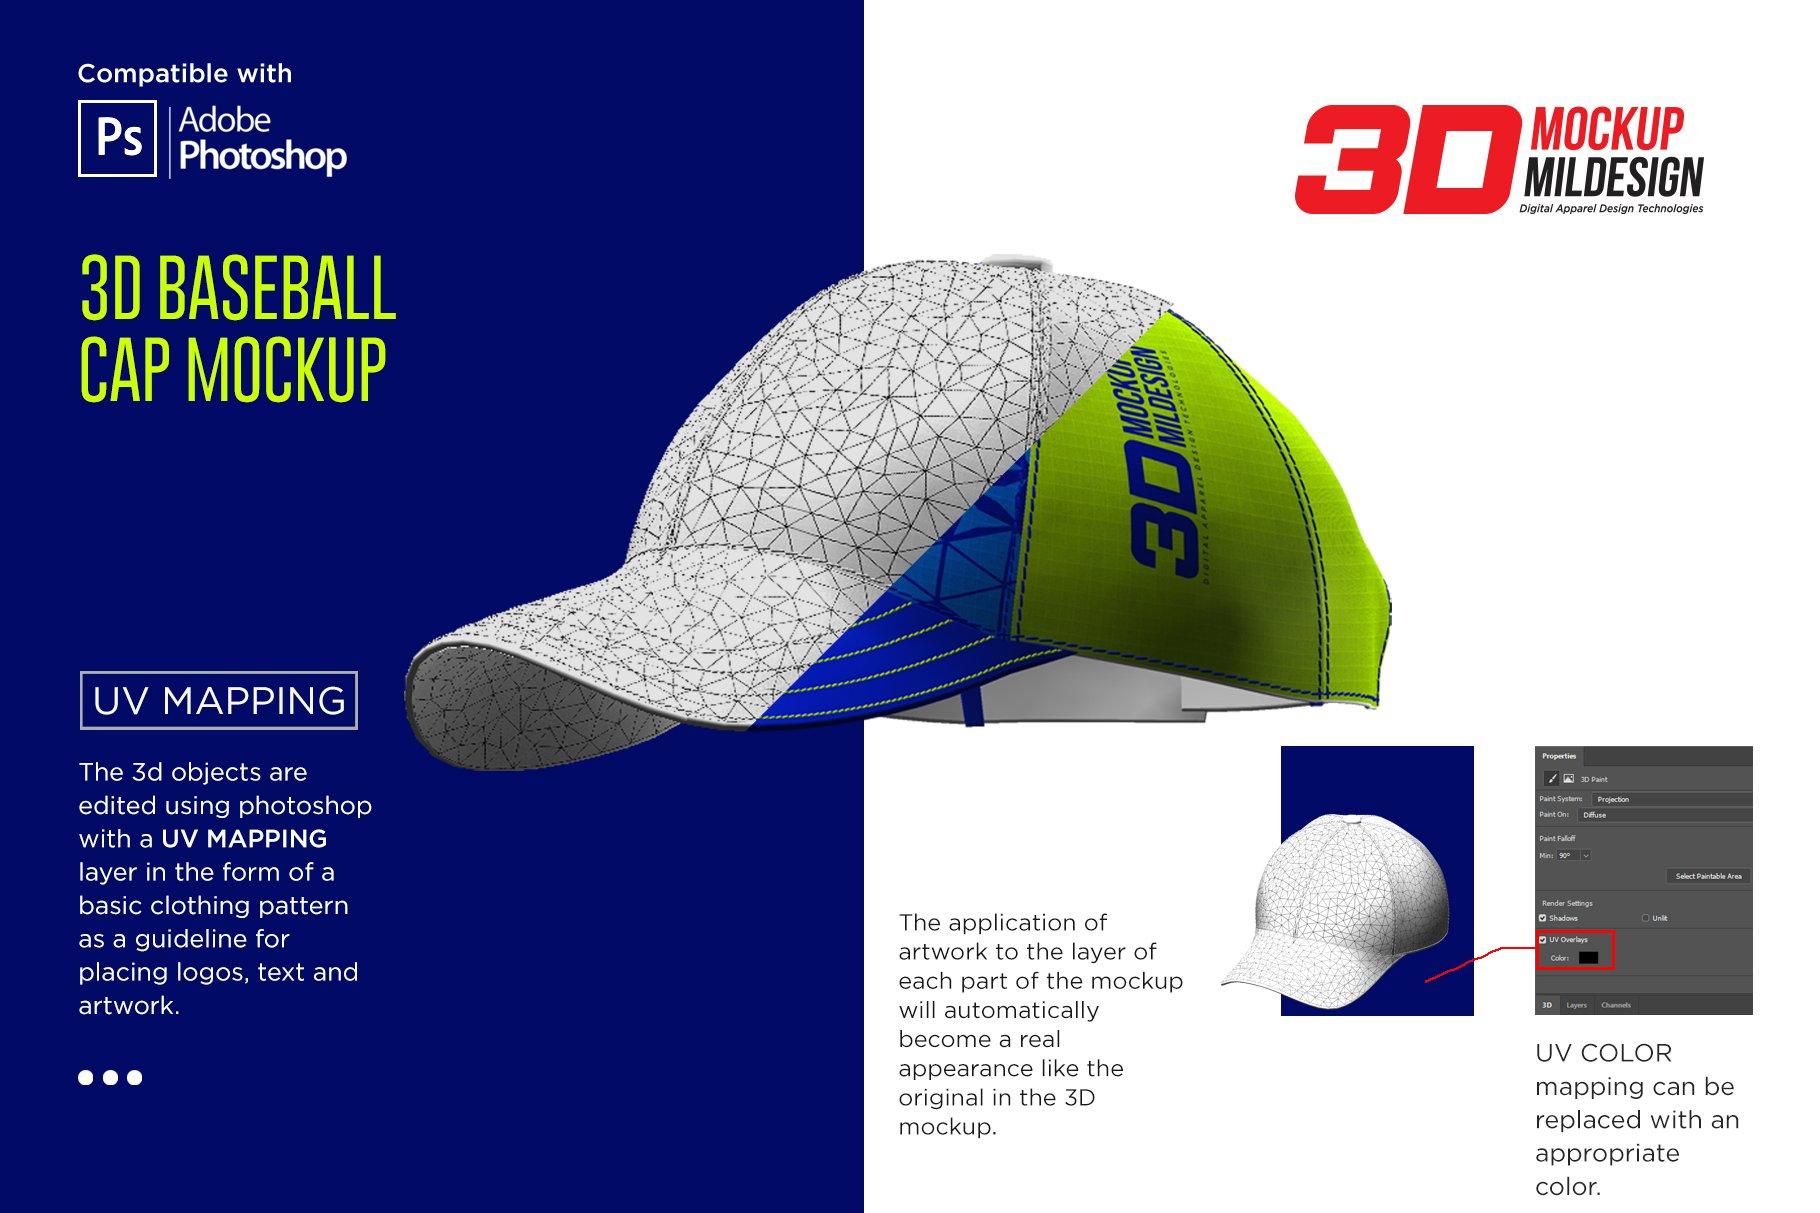 3D半球帽印花图案设计展示贴图样机模板 3D Baseball Cap Mockup插图1